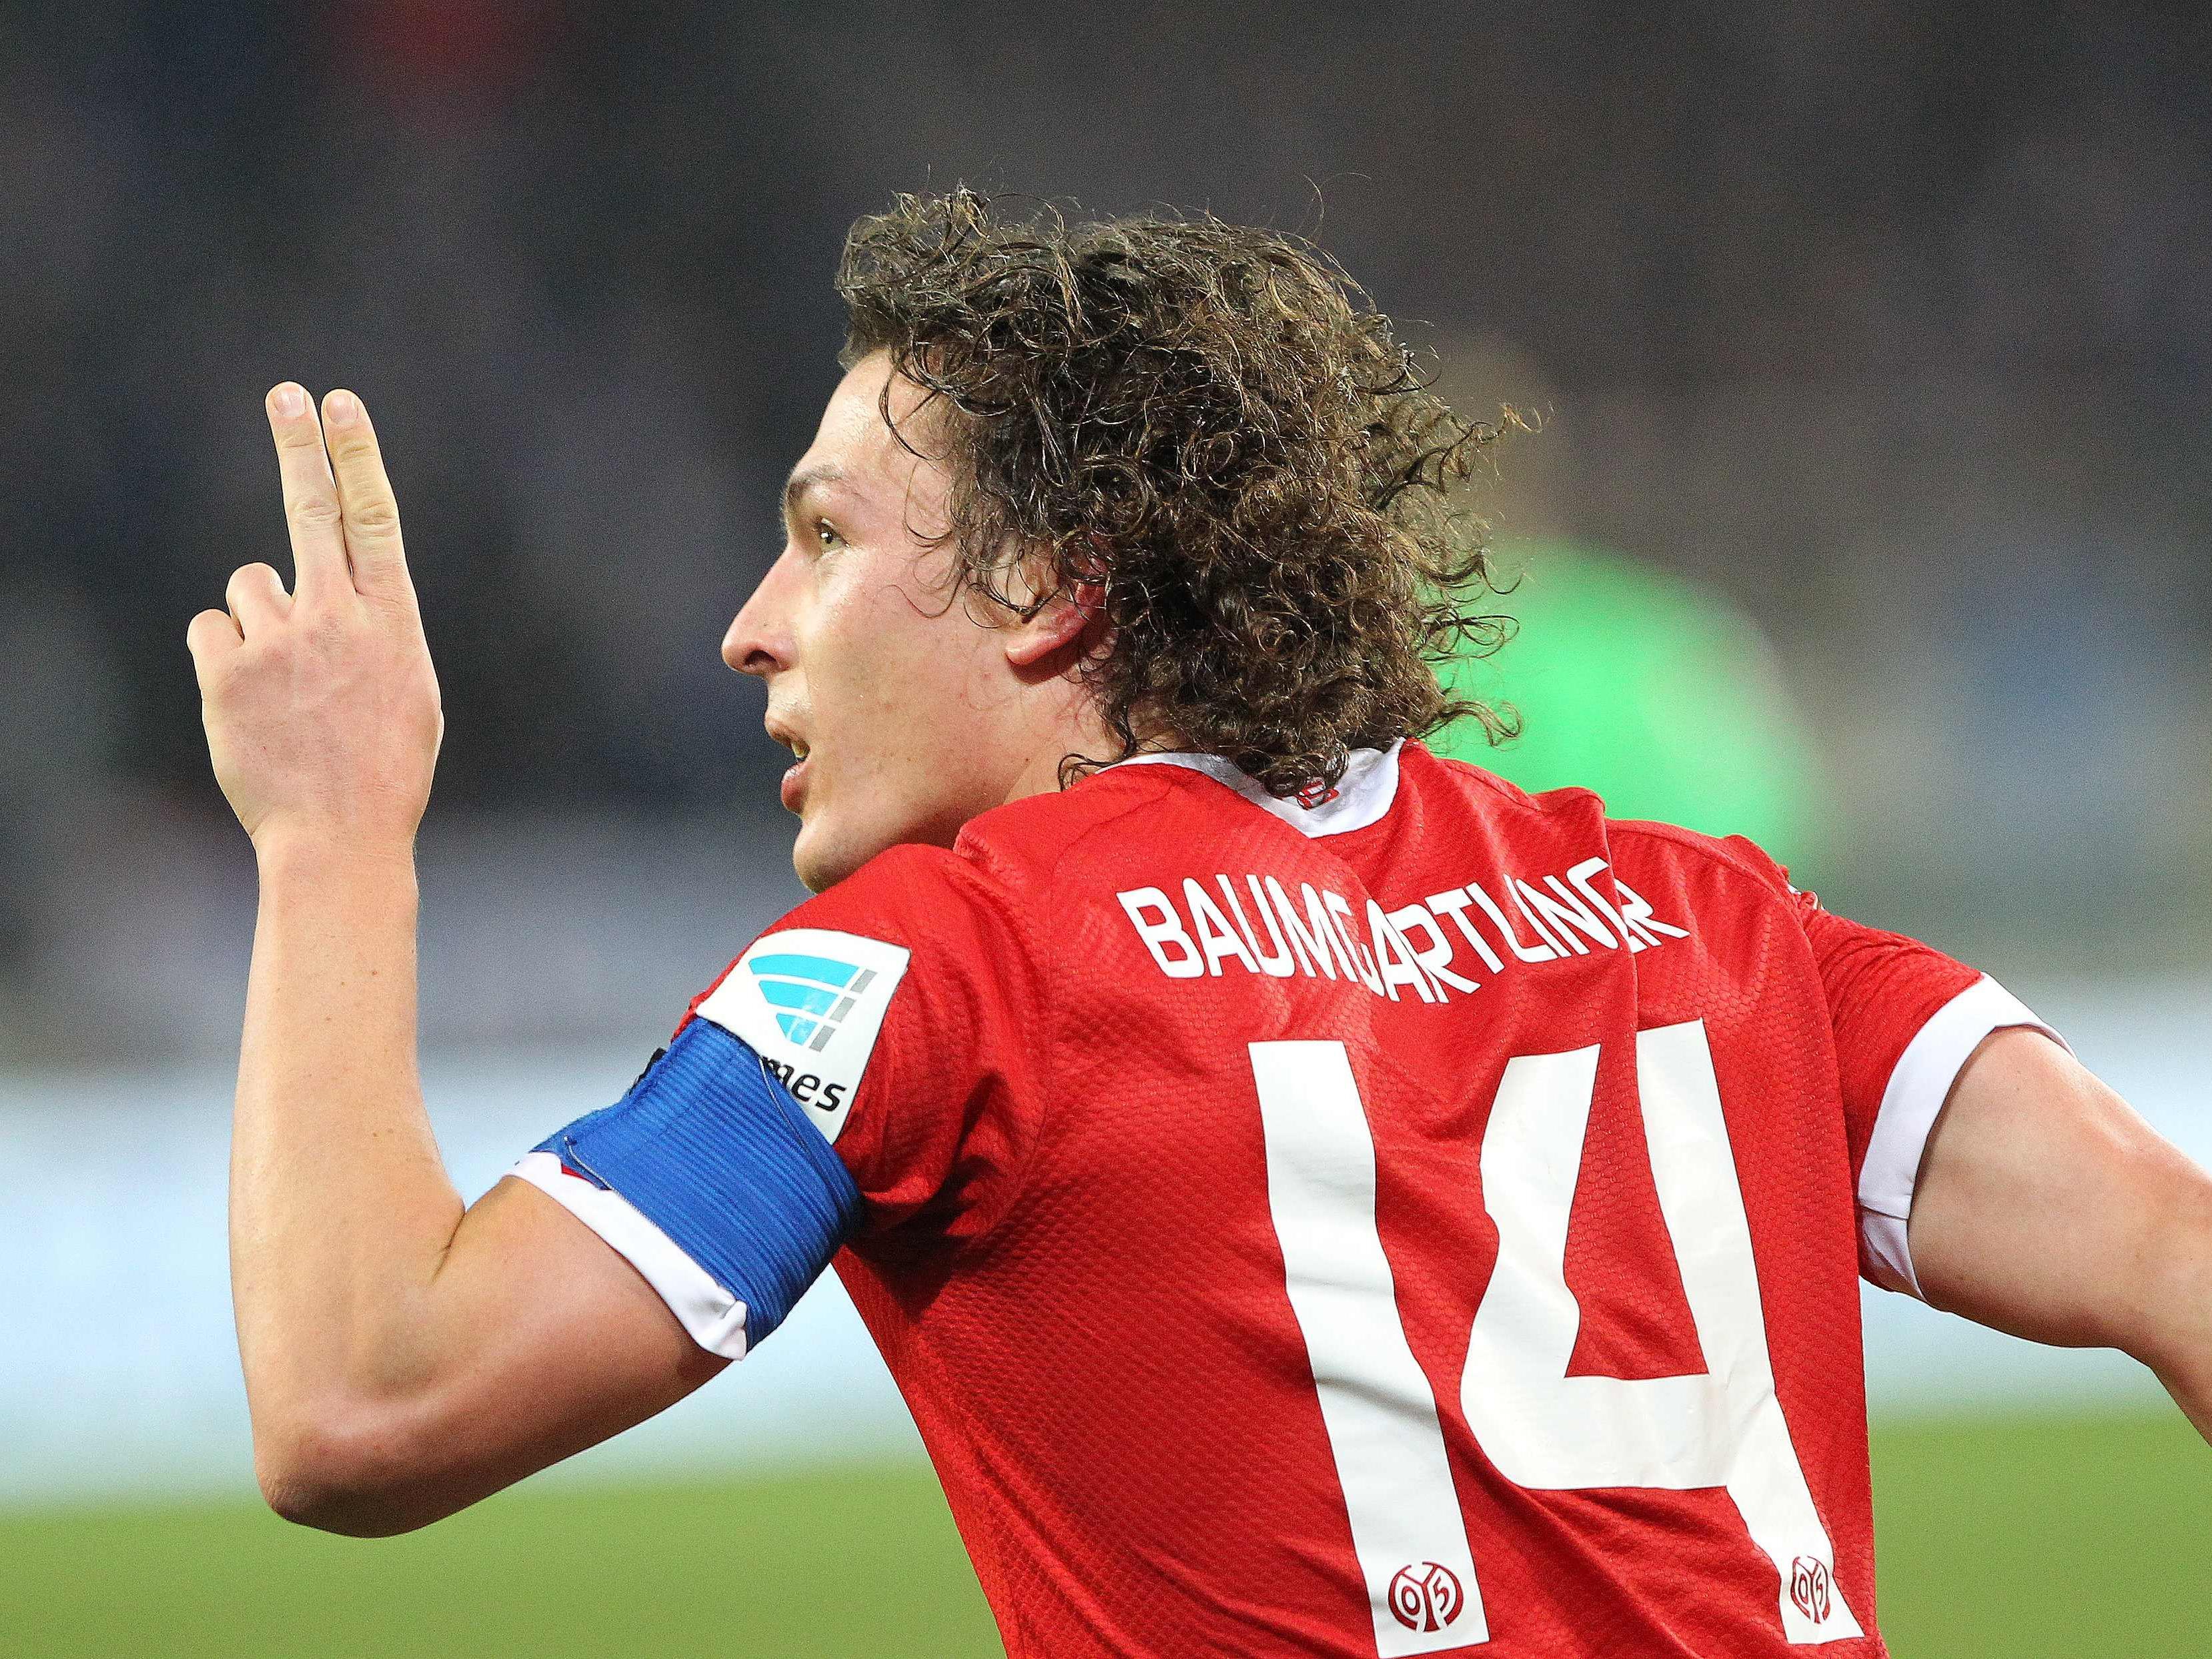 Baumgartlinger unterschrieb Vertrag bis 2020 - Ausstiegsklausel über rund vier Millionen Euro aktiviert.